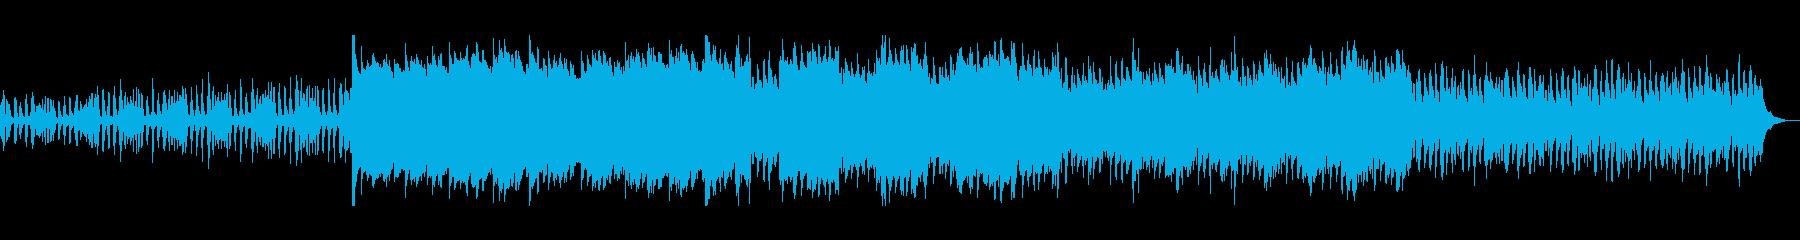 弦楽器とピアノのアンサンブルの再生済みの波形